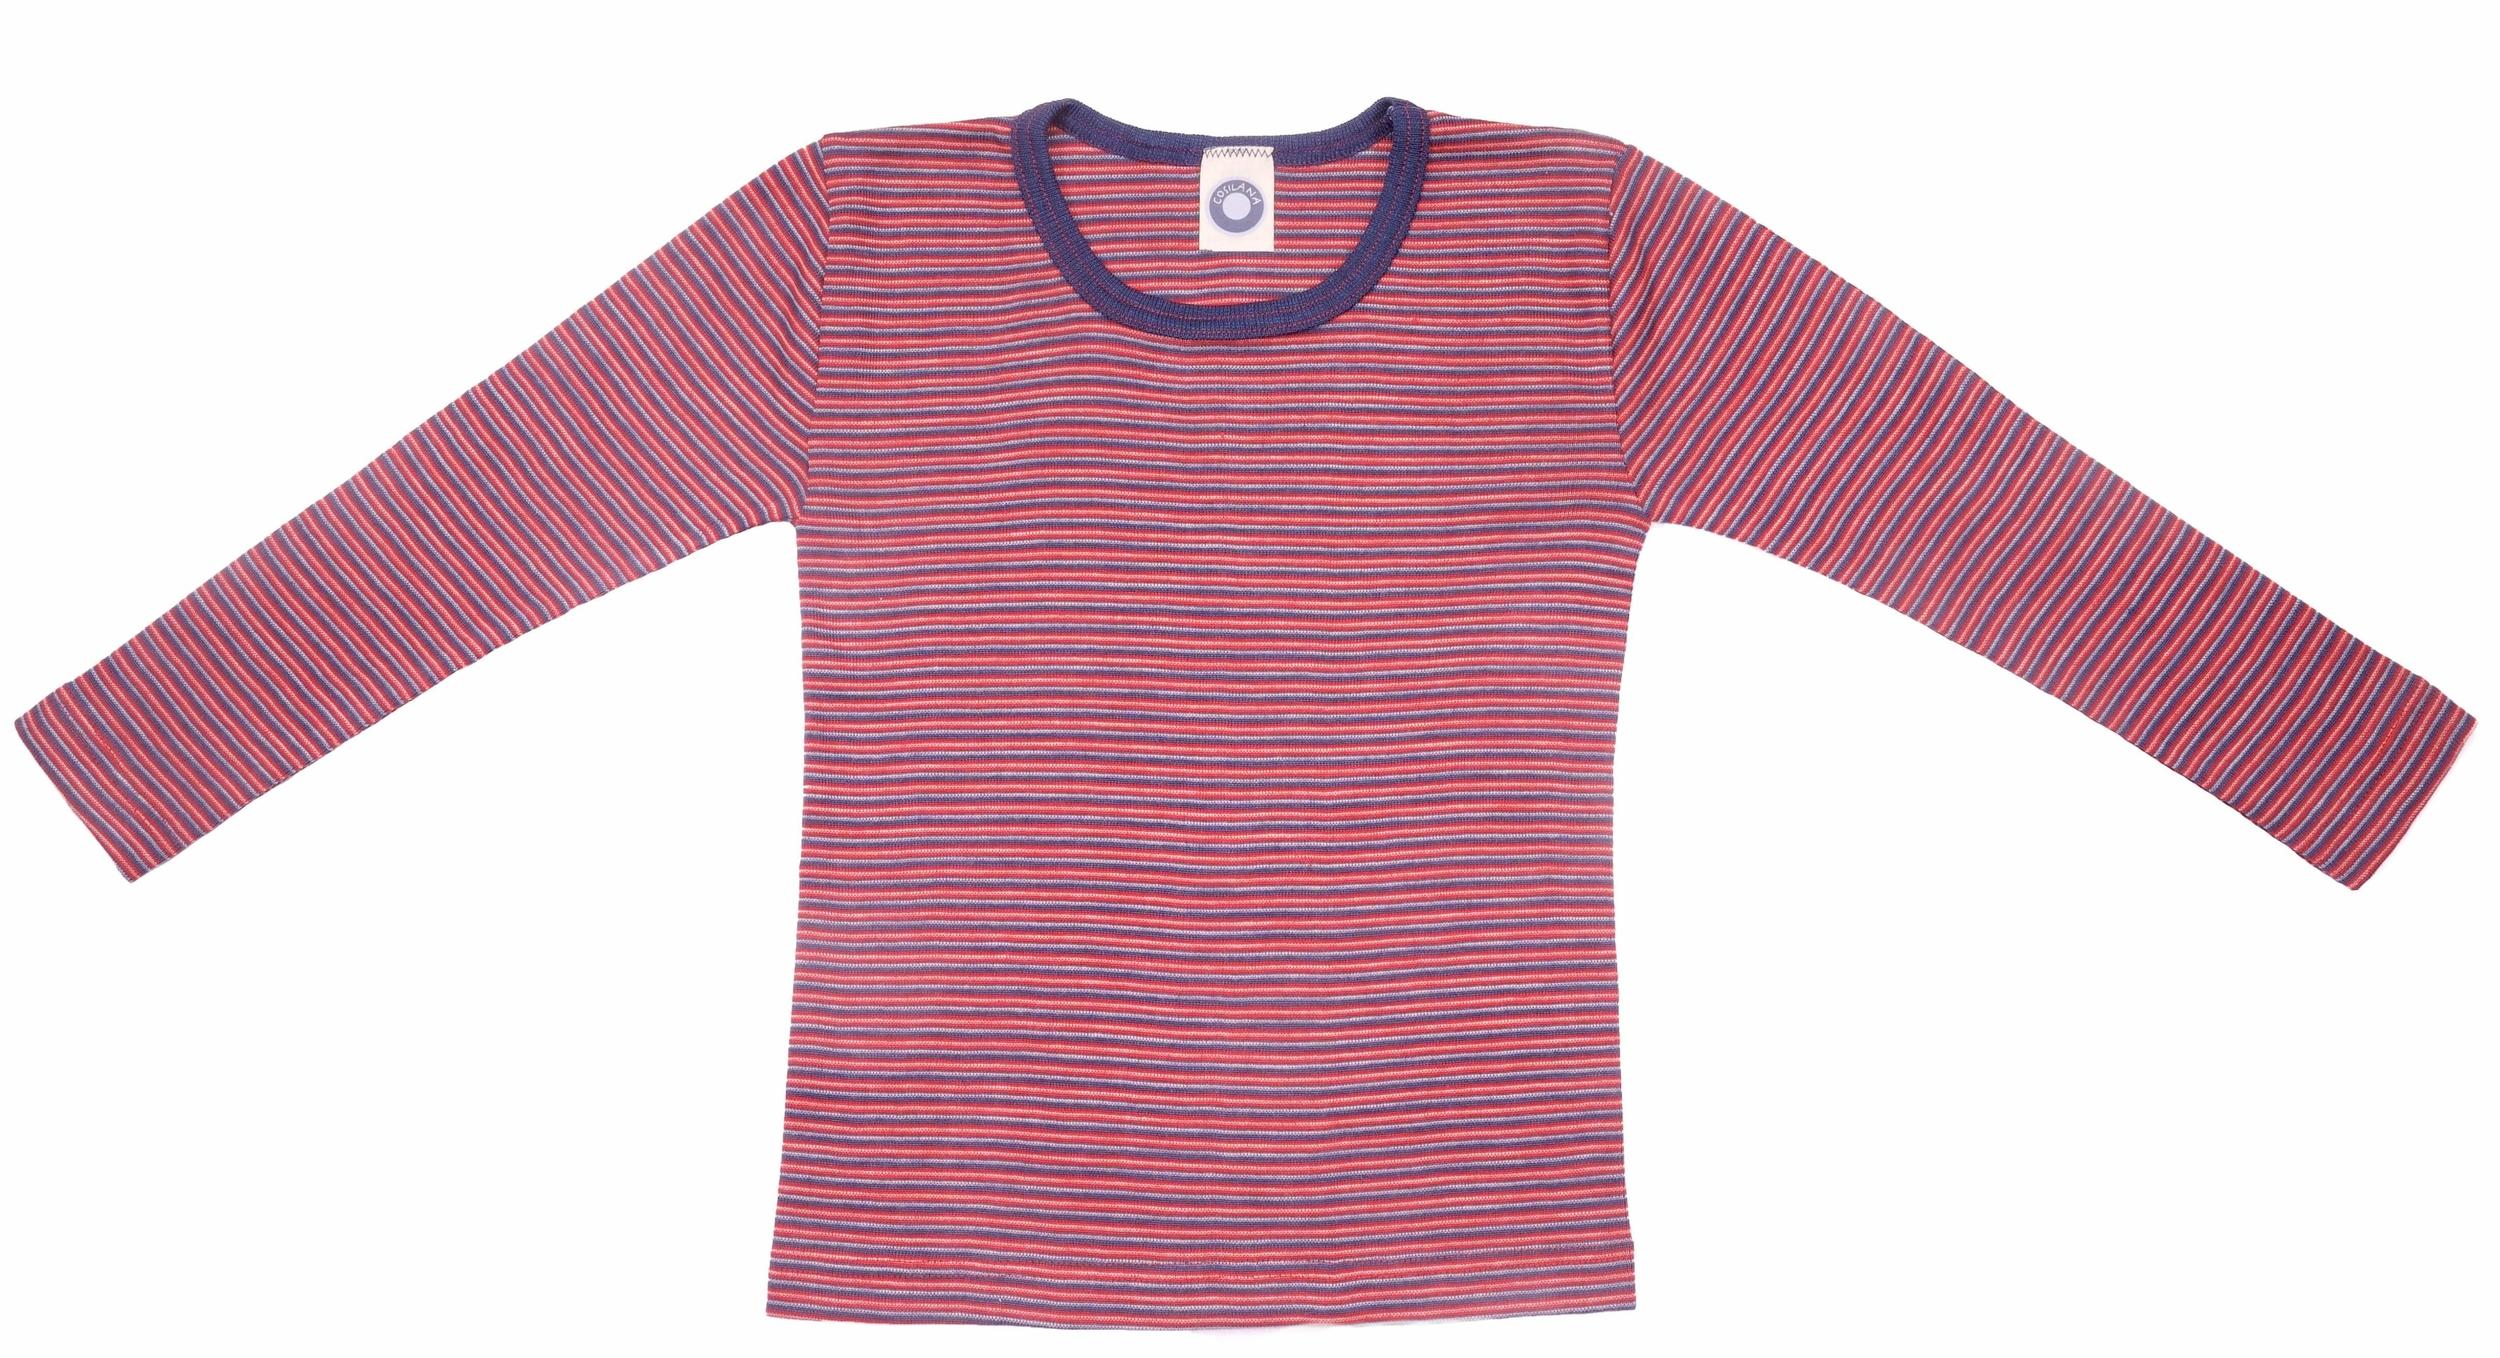 Cosilana T-shirt manches longues enfants Laine/soie rouge/marine/naturel rayé-71233-248